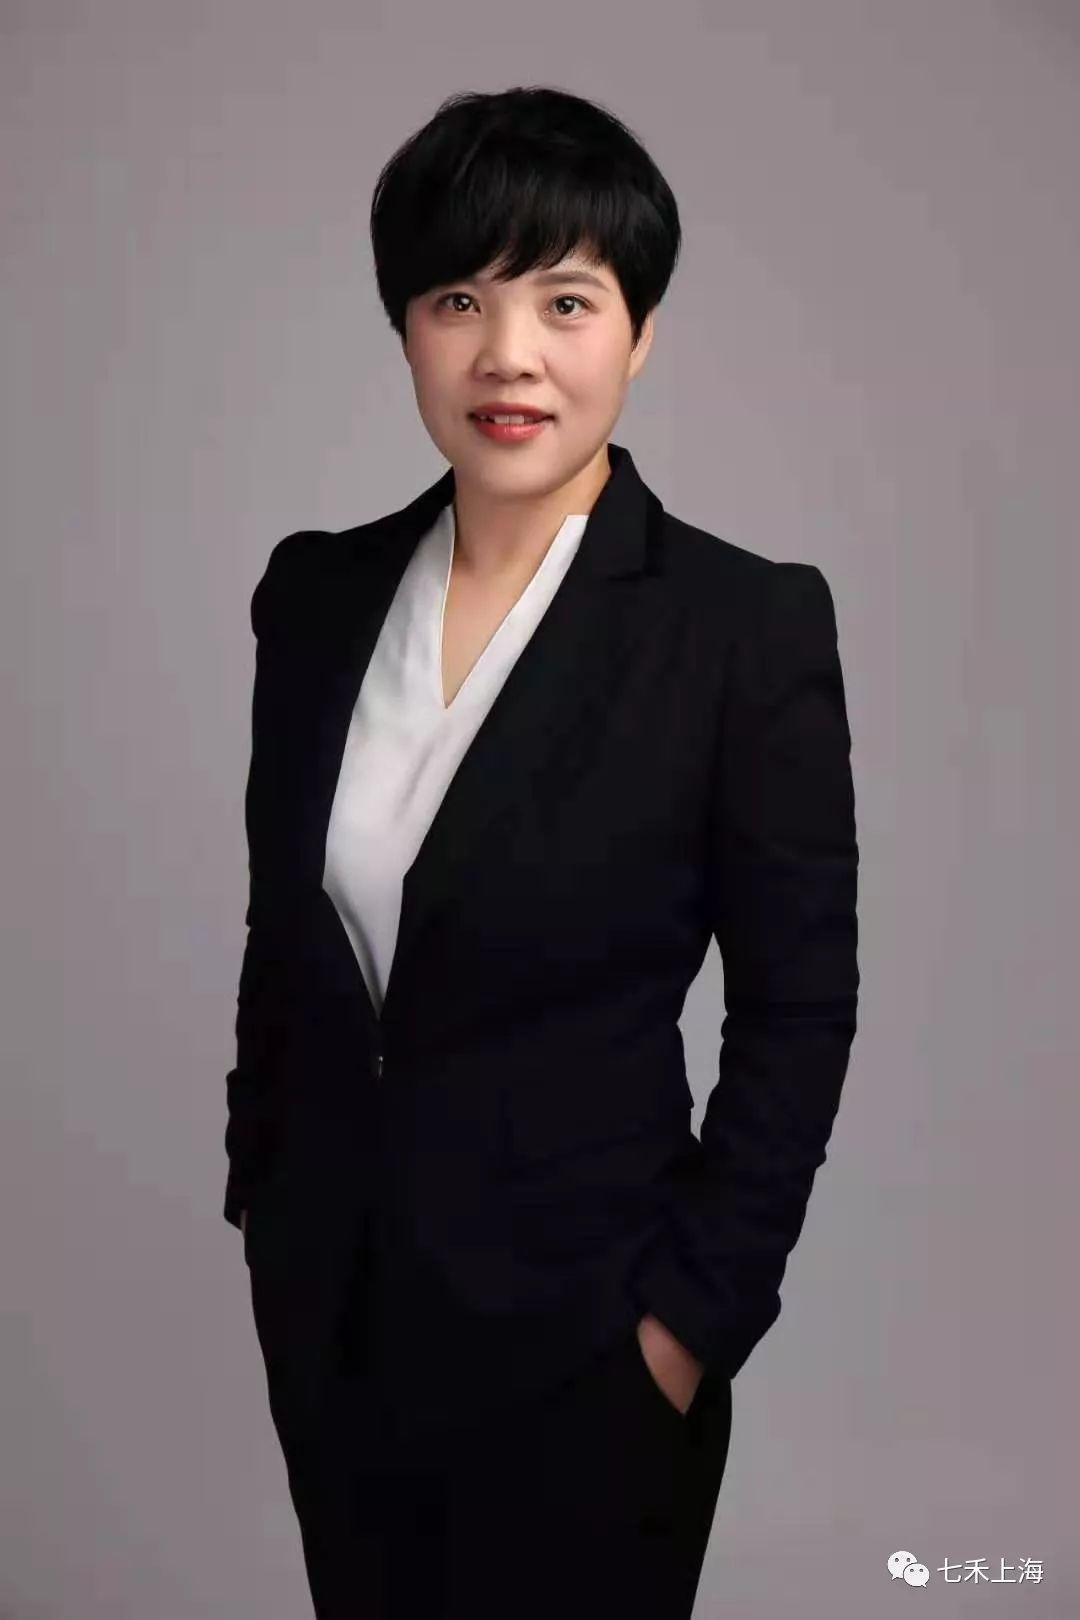 【破立之道】9月20日杭州,黑色产业闭门会。中天钢铁、热联中邦、钢谷网等行业优秀代表们一起探讨黑色产业!